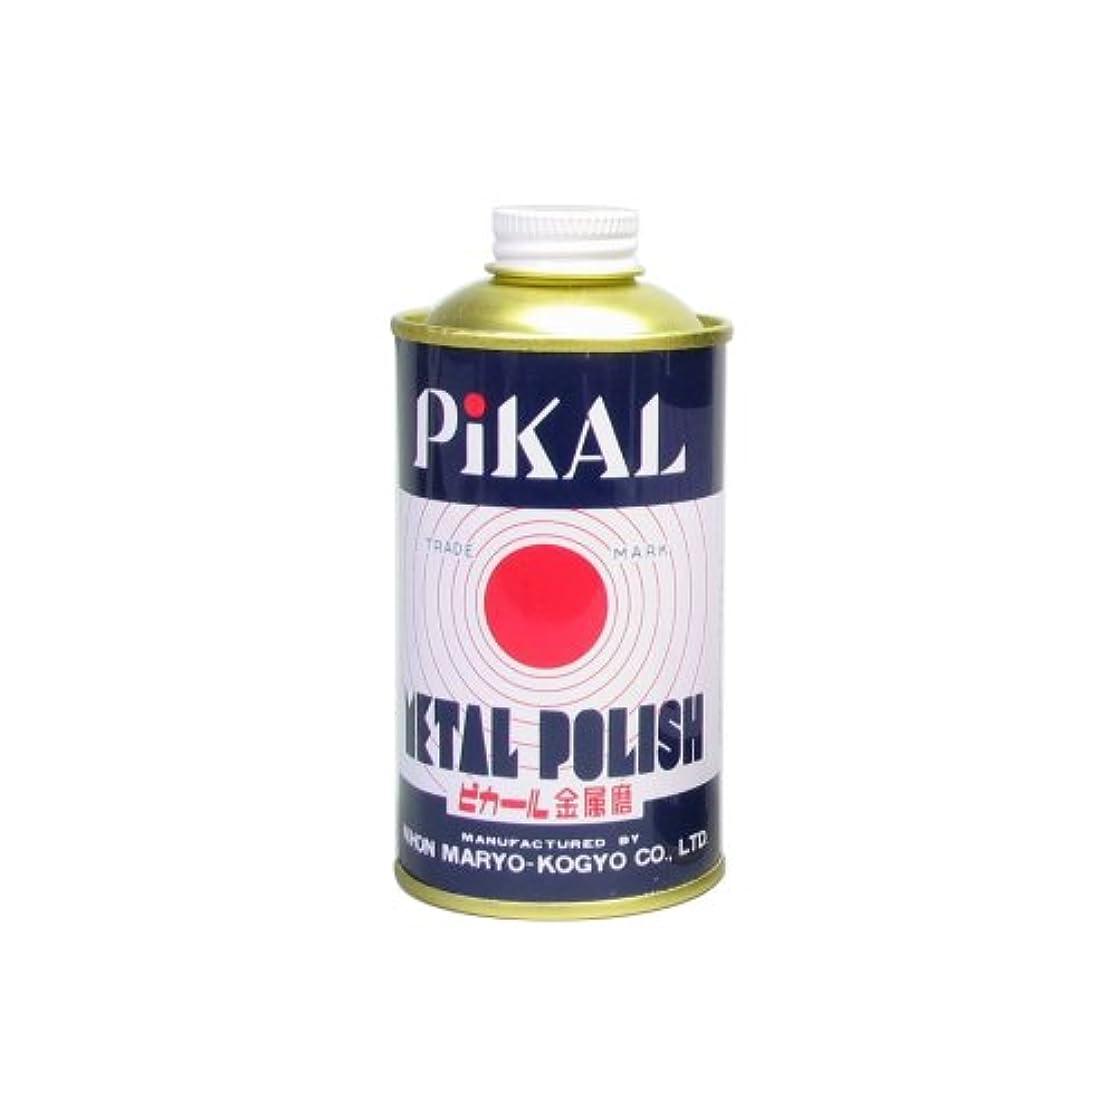 バッフル禁じる苦いピカール液 液状金属みがき 180g